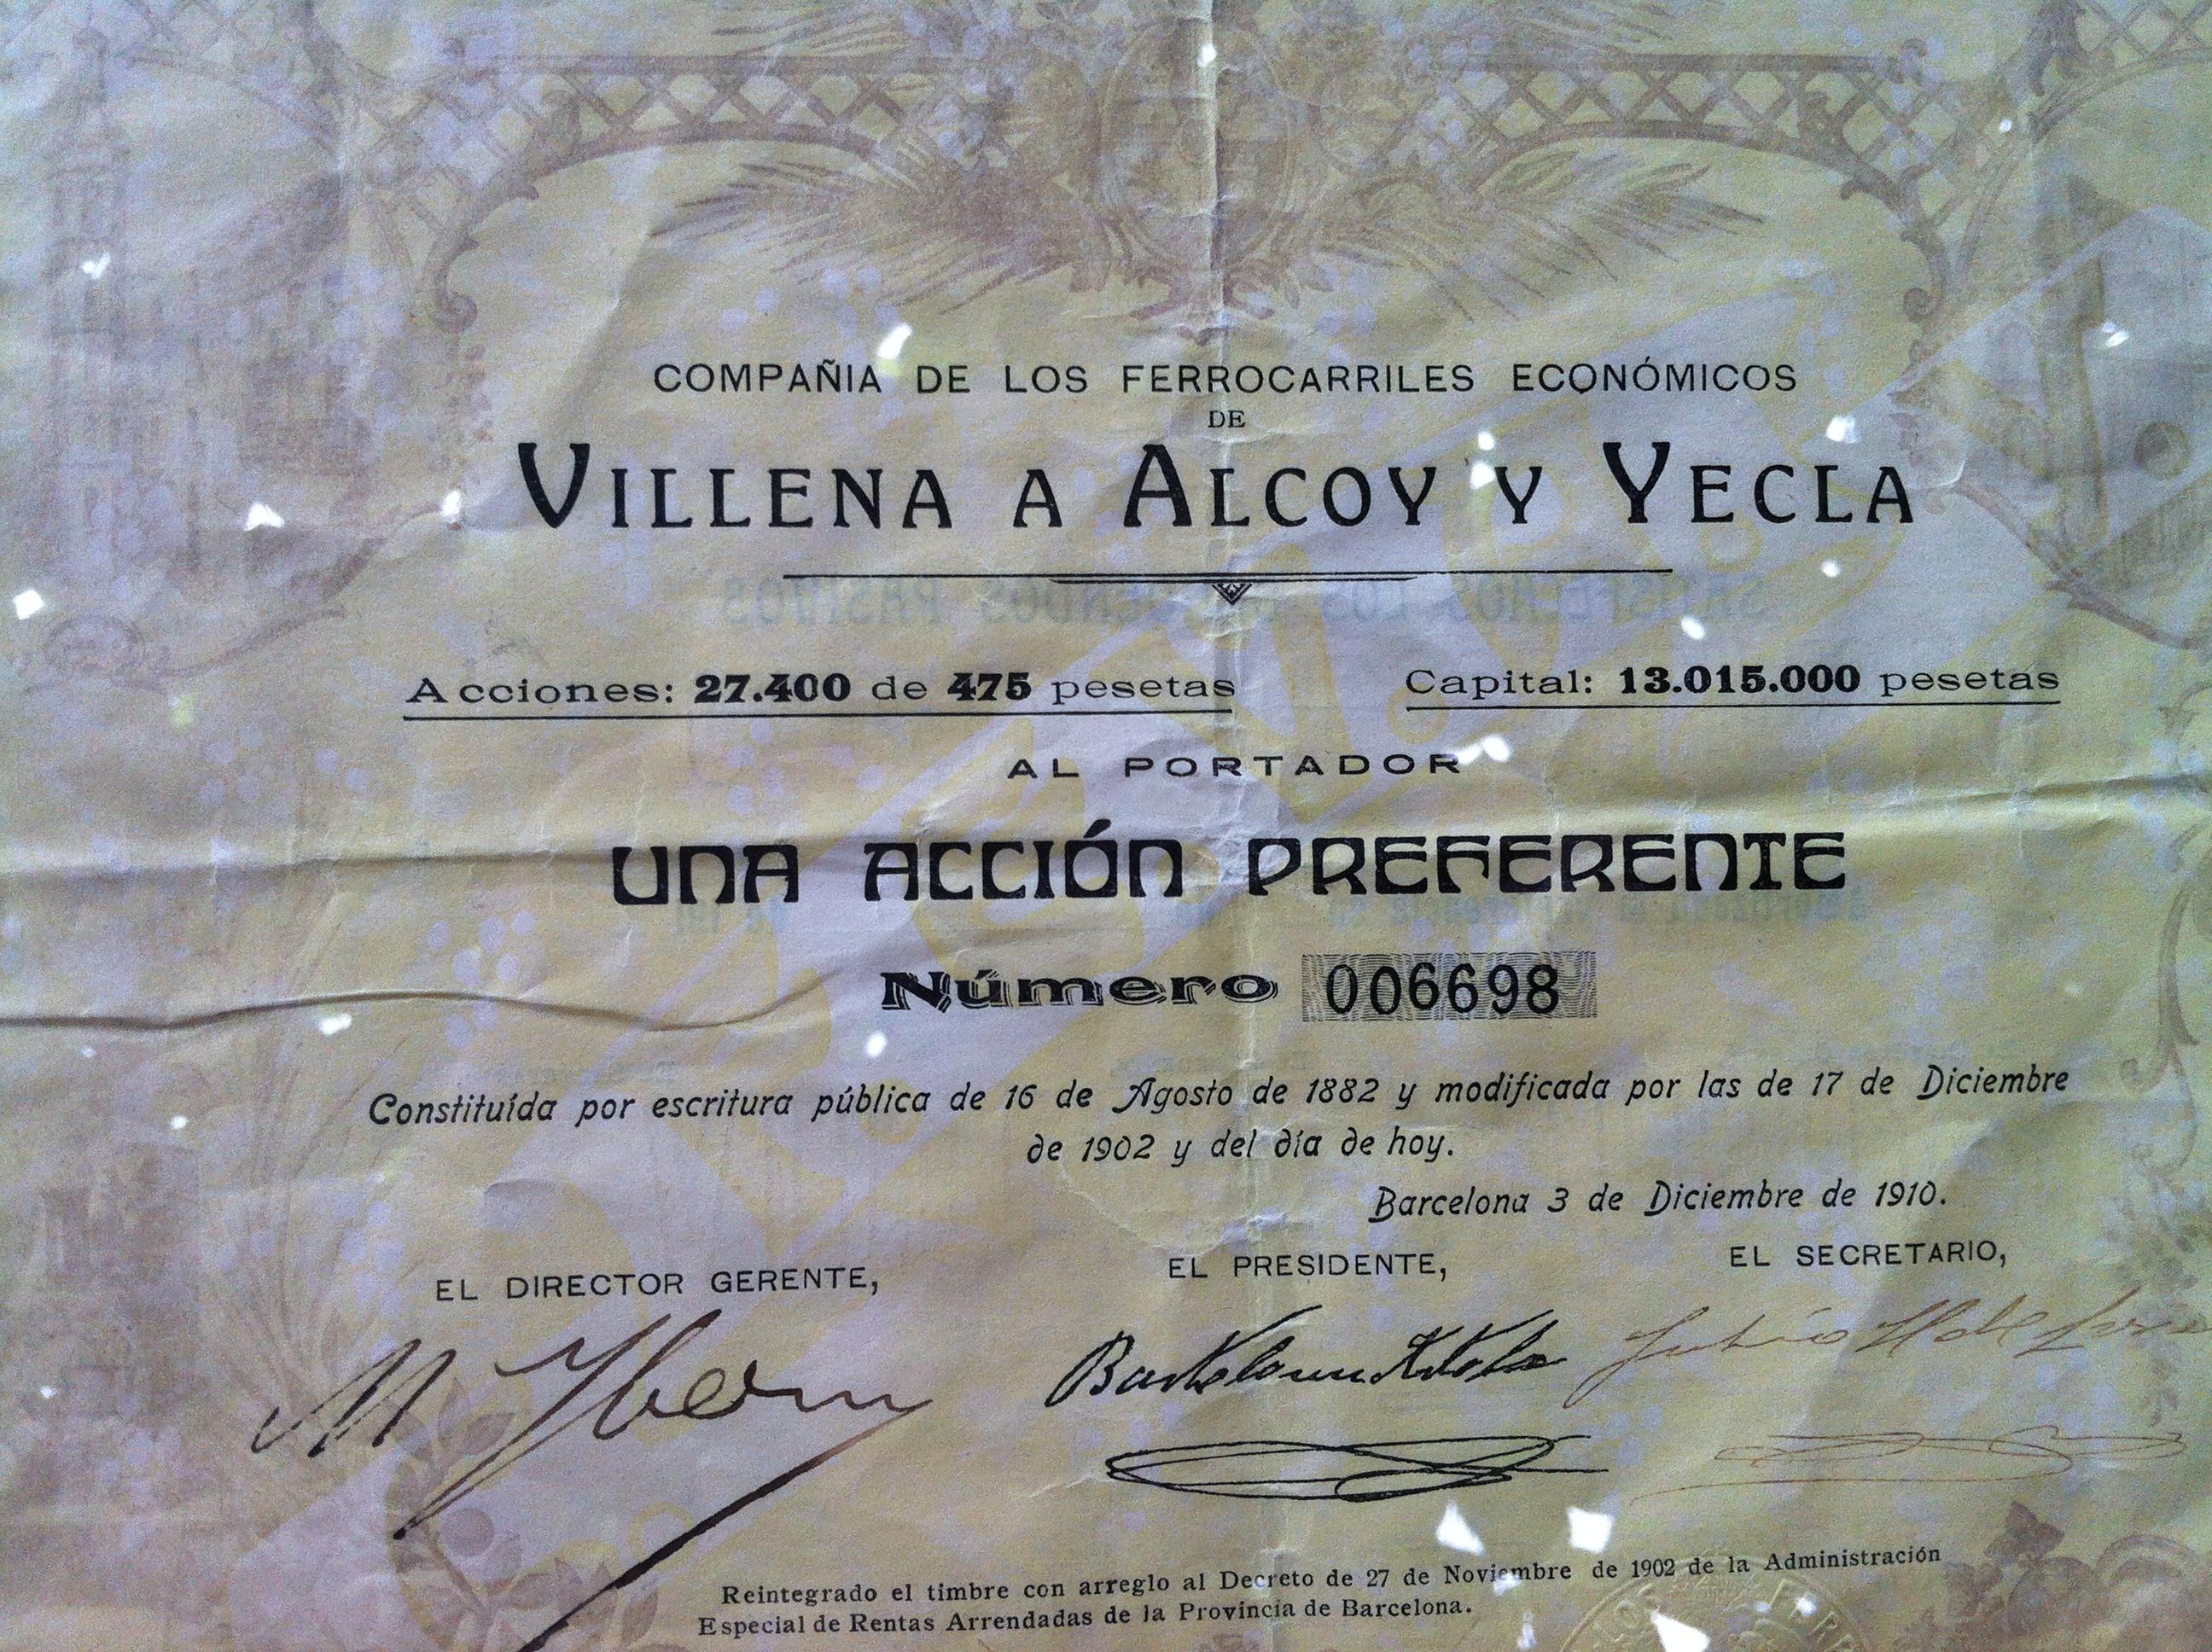 Accion del Villena a Alcoy y Yecla, fondo : Juan Peris Torner